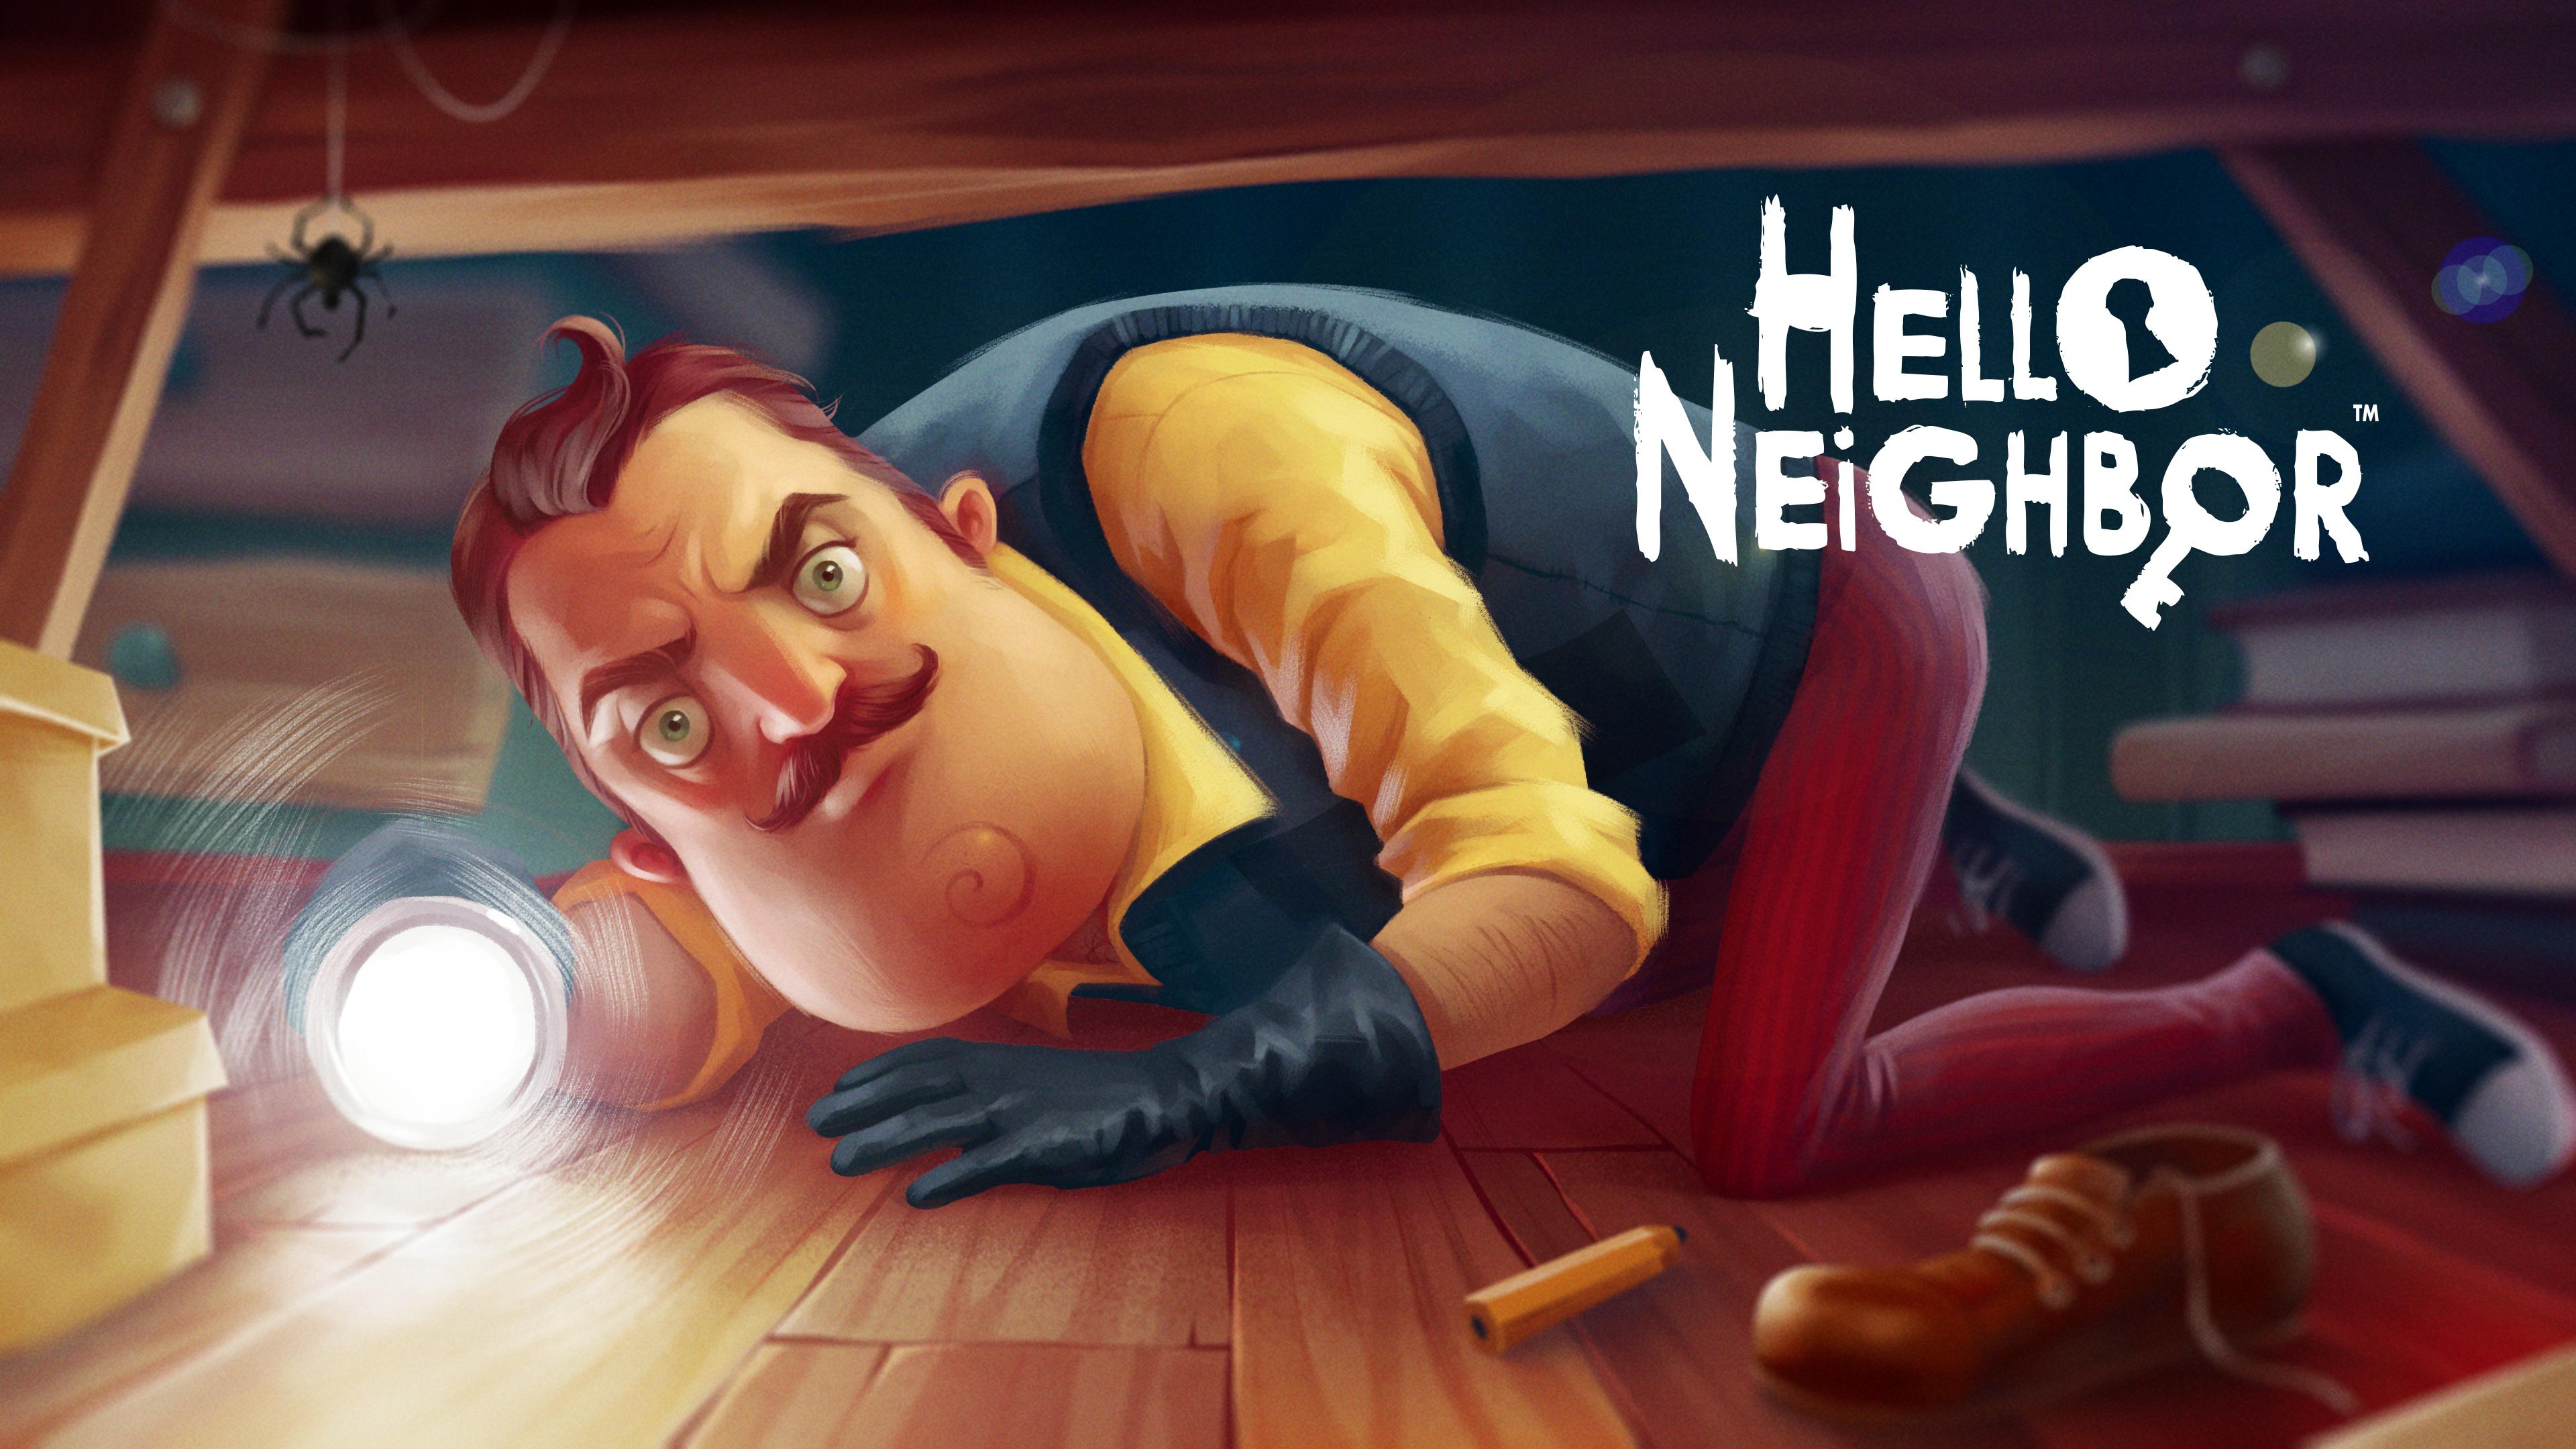 Привет сосед картинки по игре